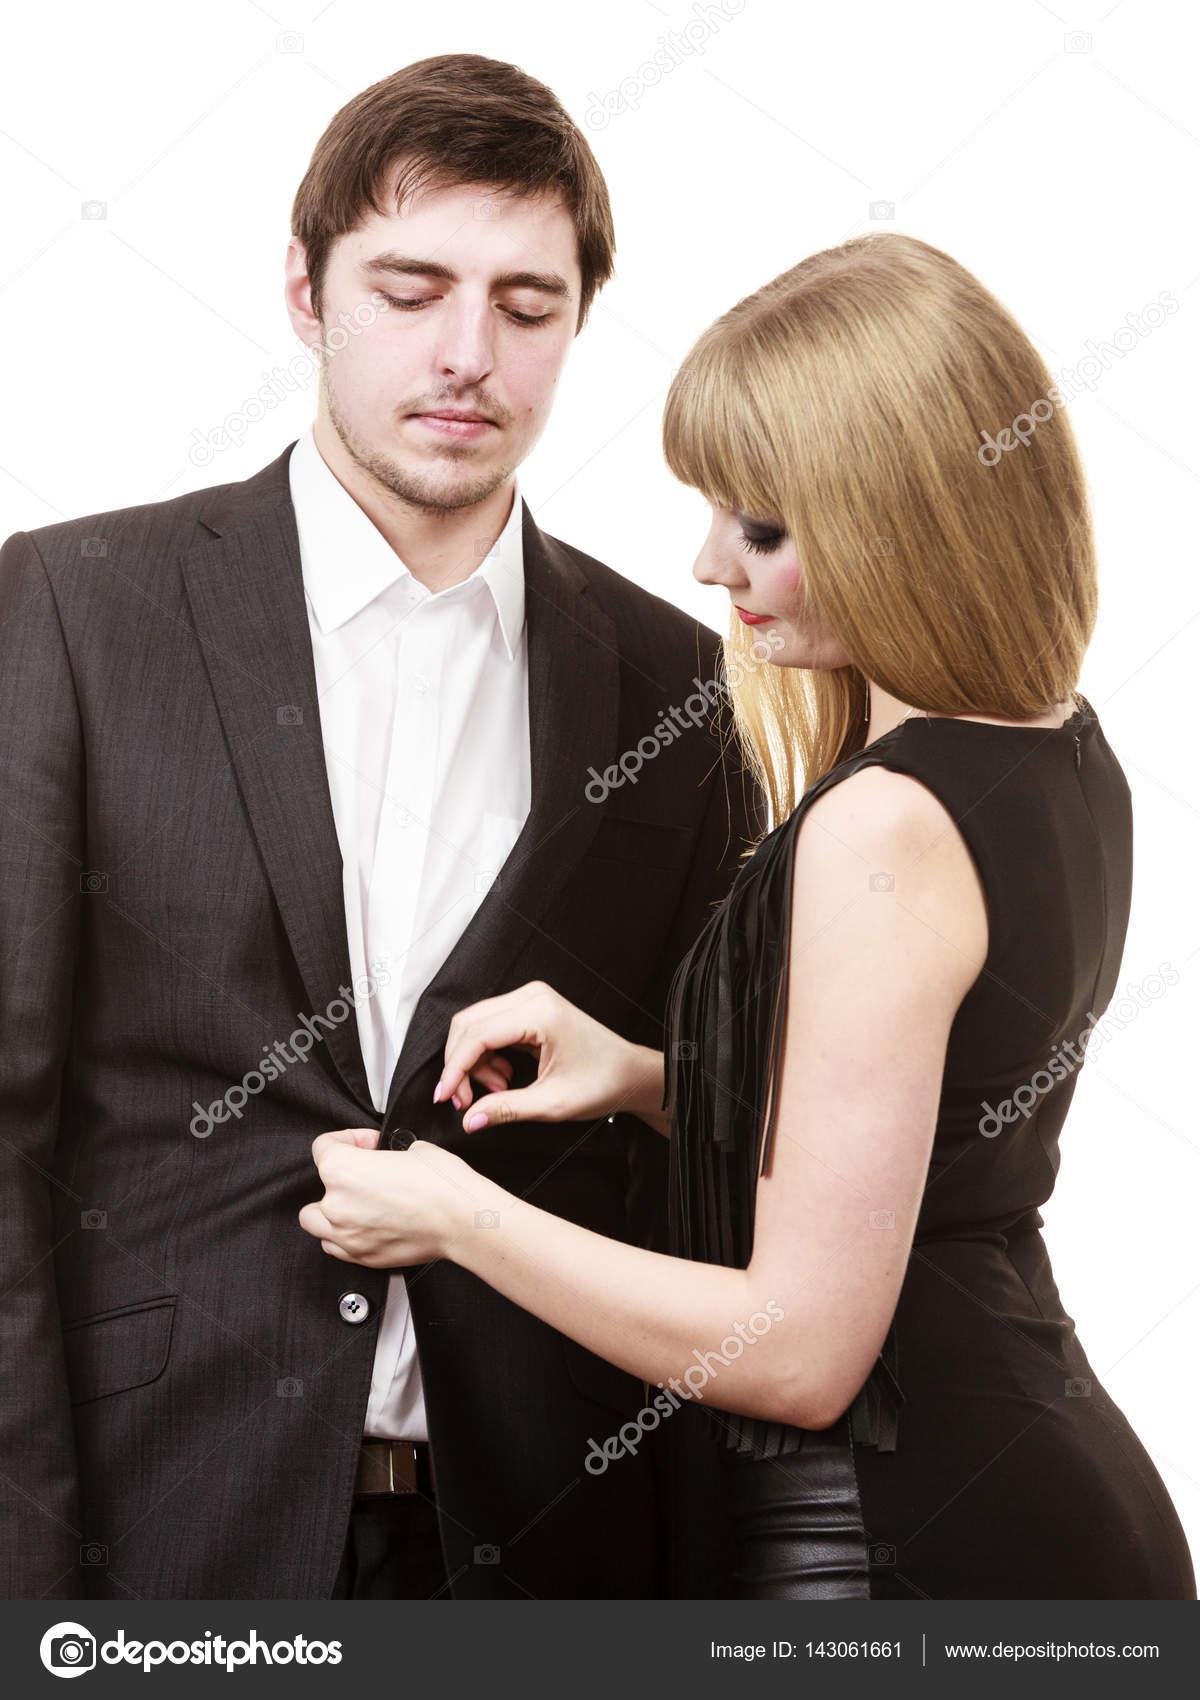 Frau Mann verkleiden sich elegante Kleidung zu helfen — Stockfoto ...